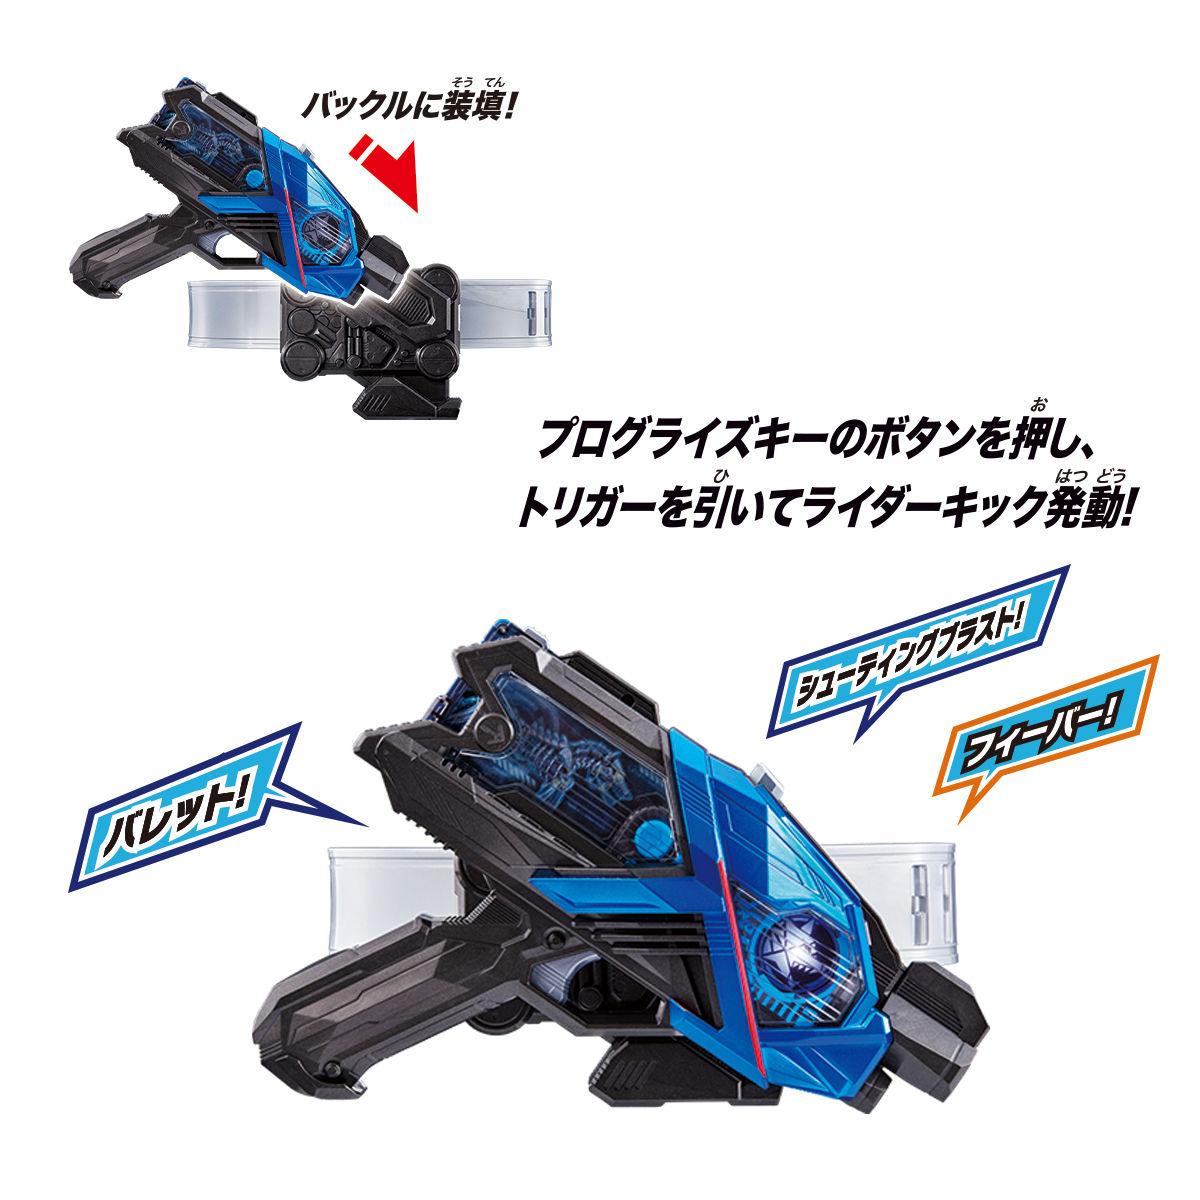 仮面ライダーゼロワン『DXエイムズショットライザー』変身なりきり-008